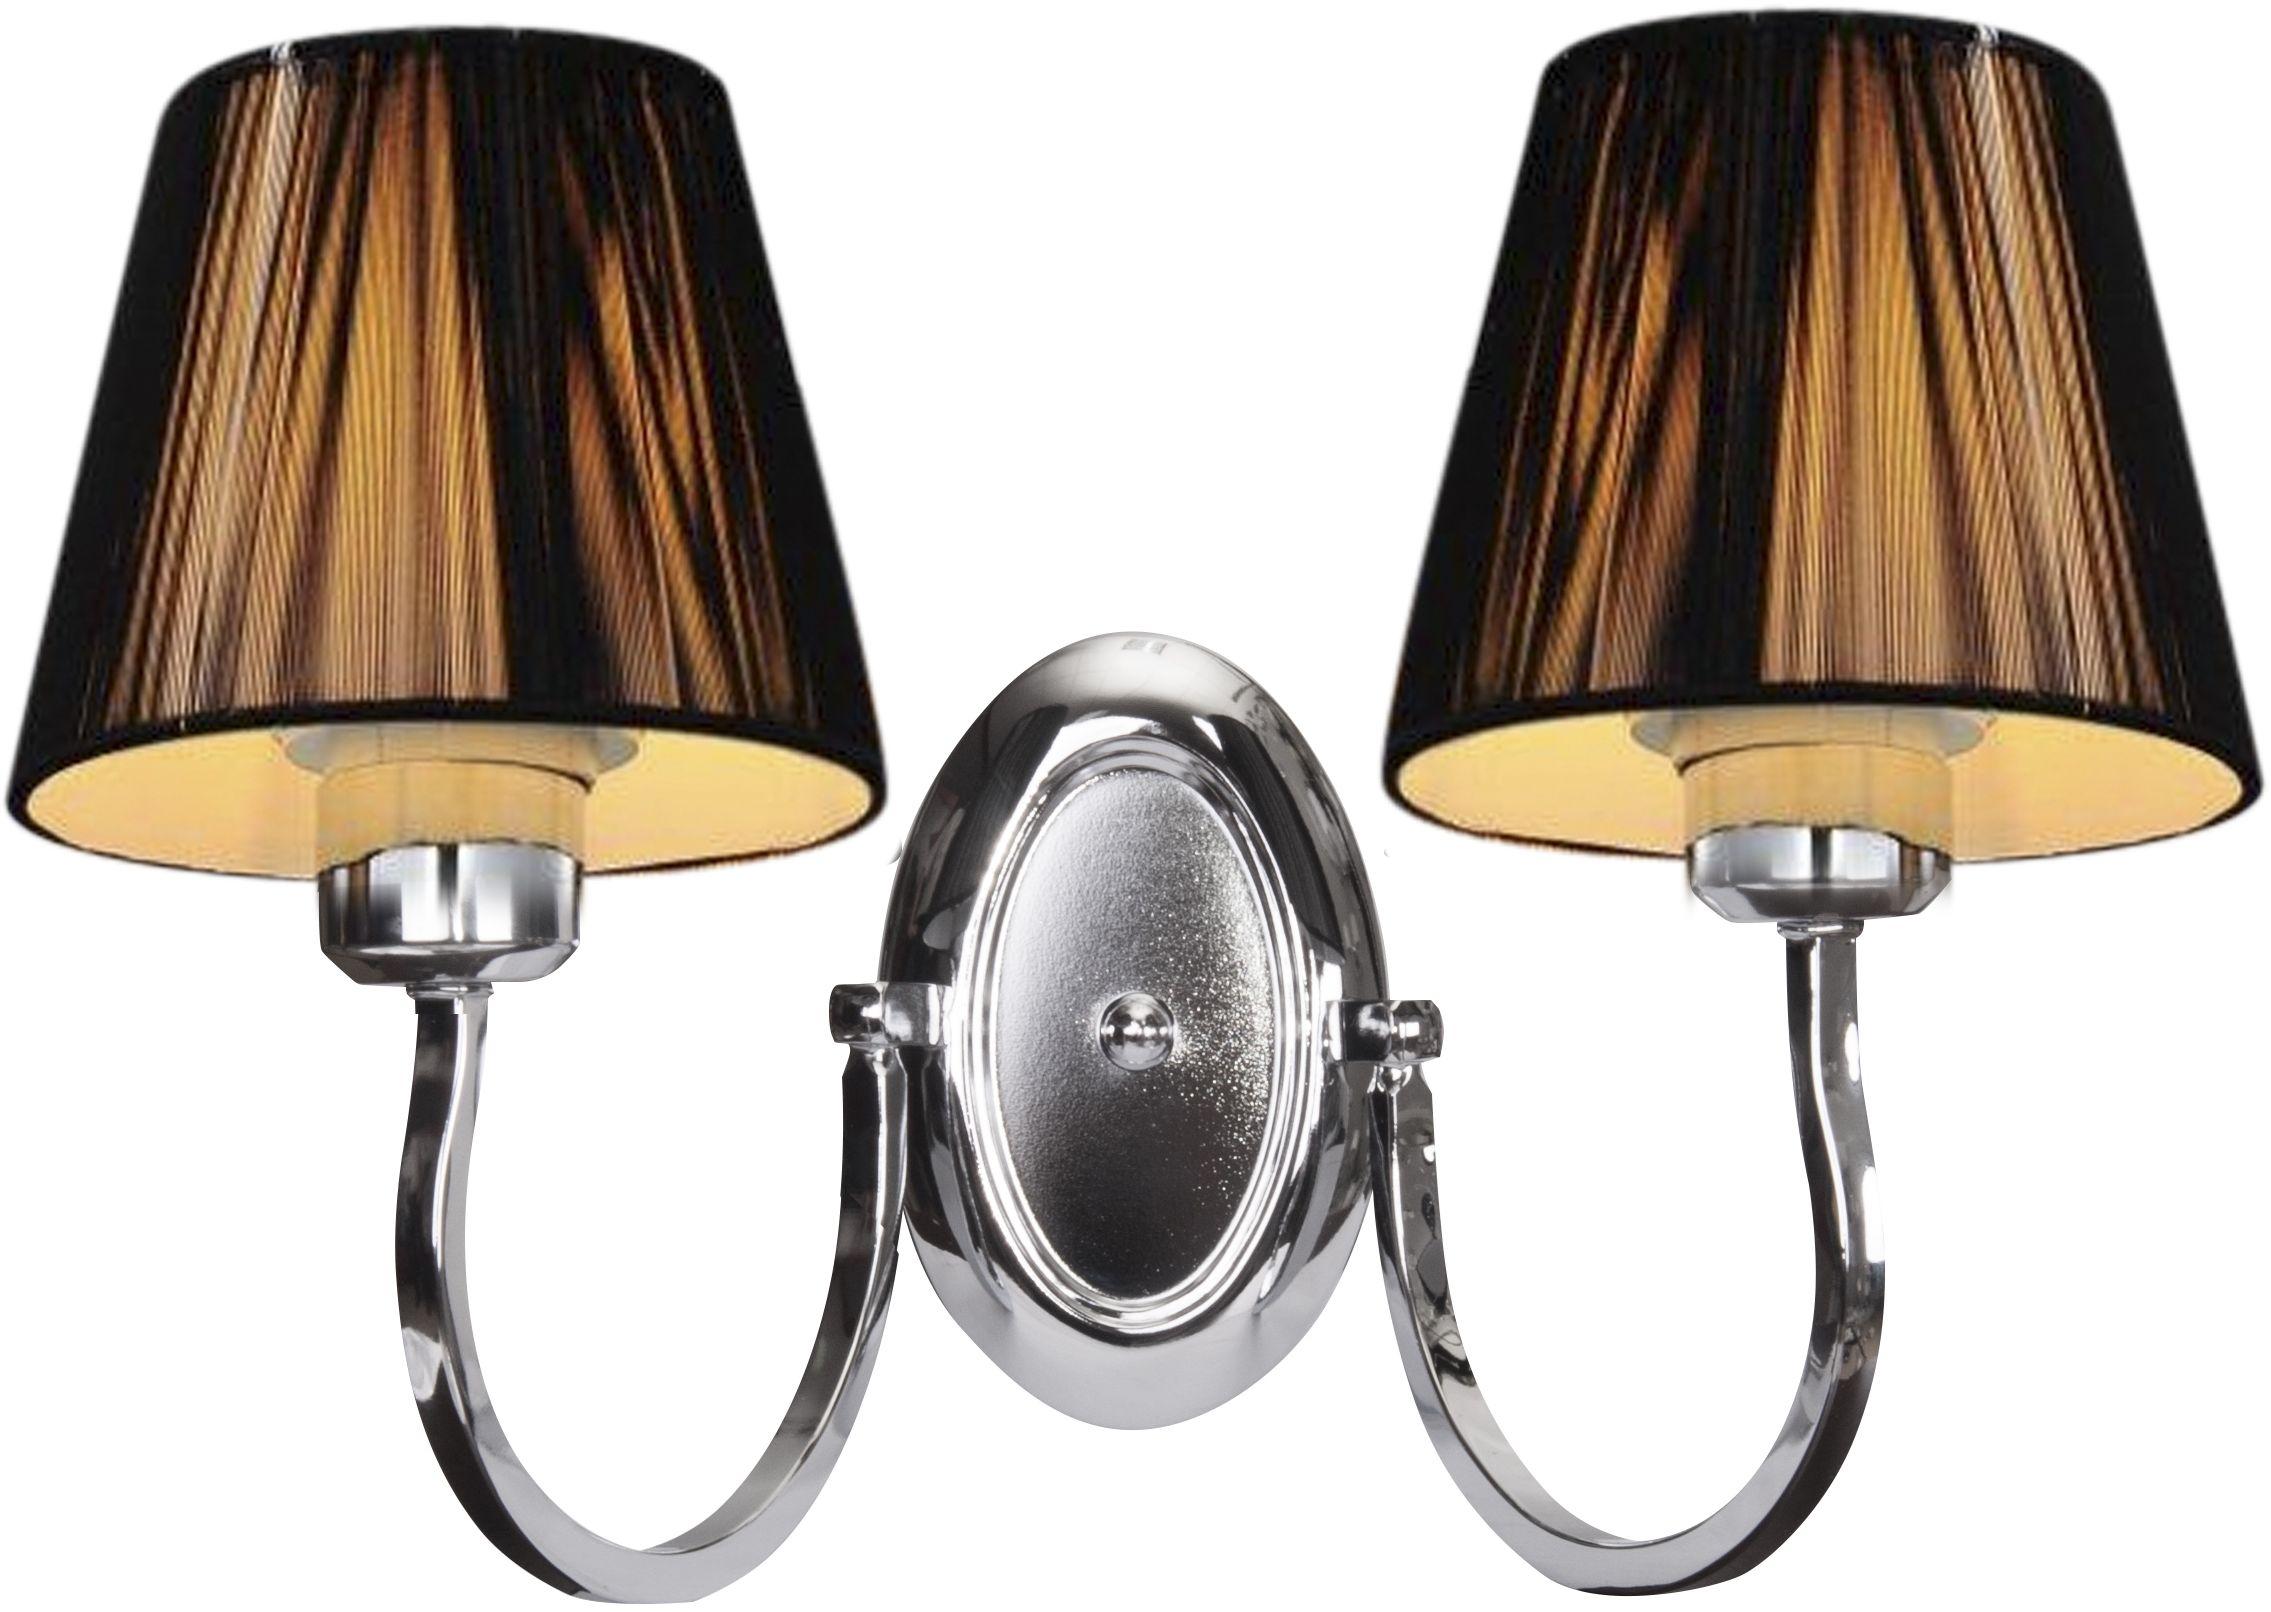 Candellux BOSTON 22-94417 kinkiet lampa ścienna abażur czarny 2X60W E27 36cm